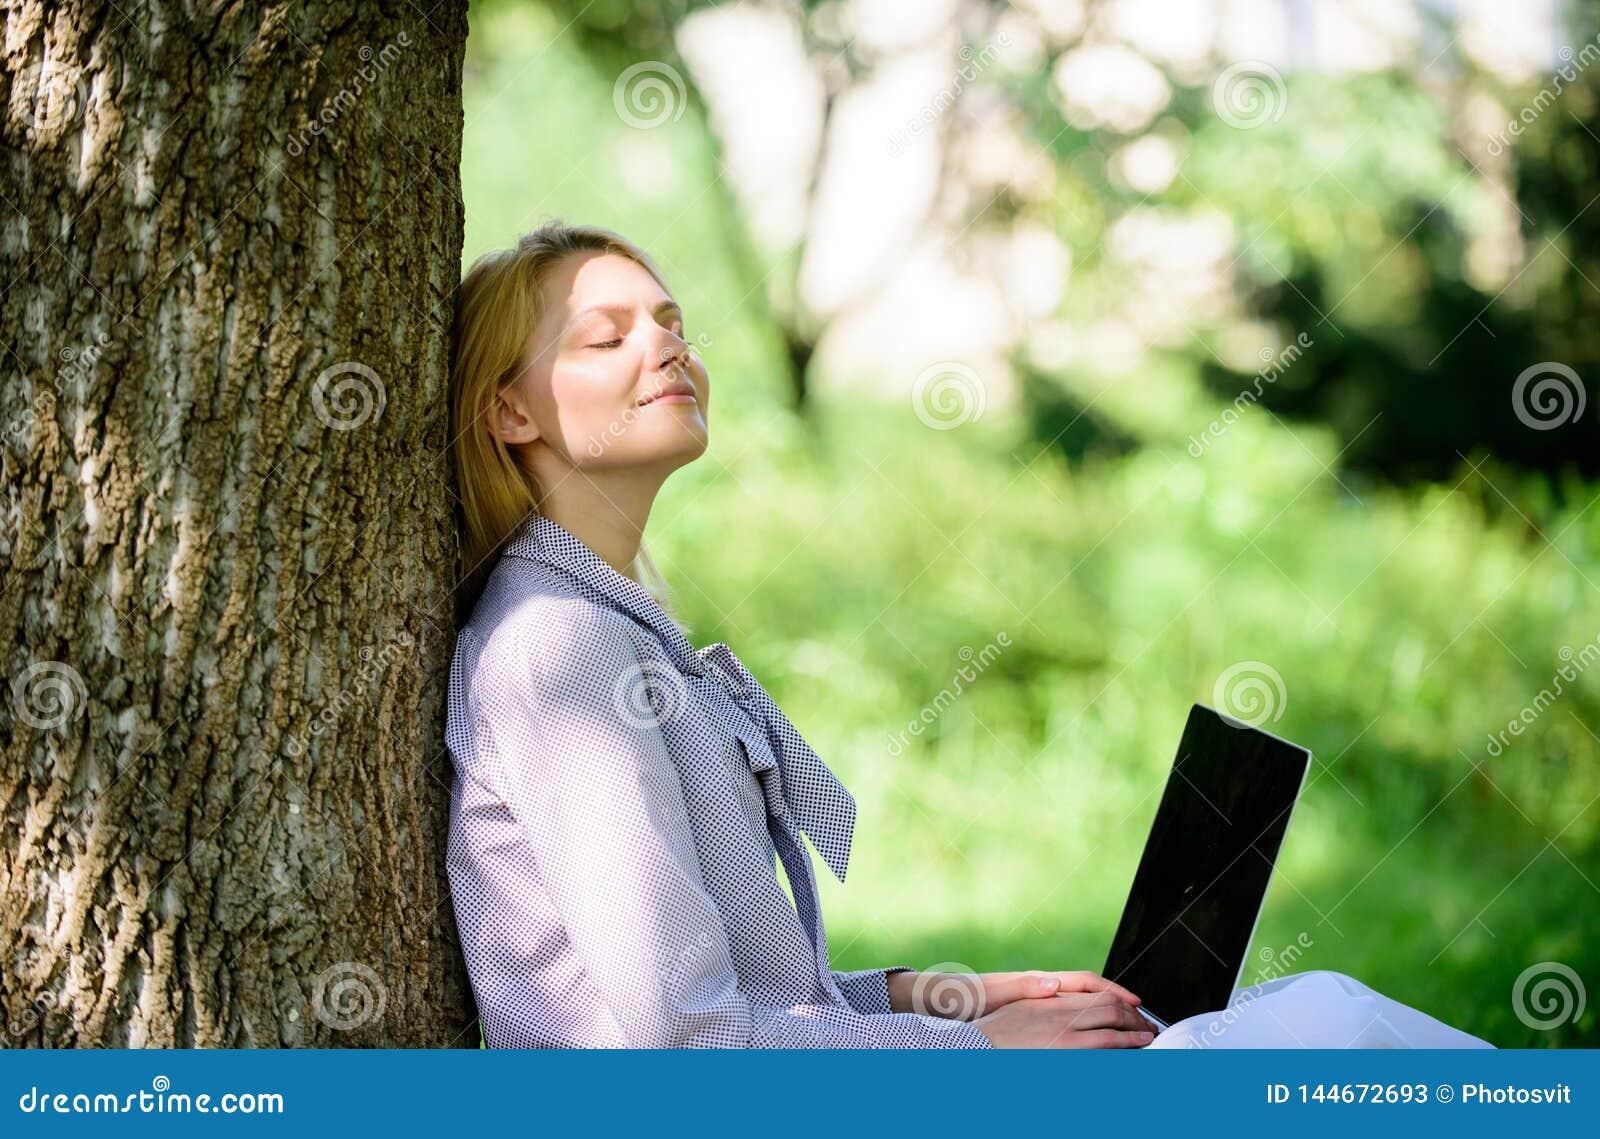 Офис окружающей среды Преимущества outdoors работы Женщина с ноутбука работы деревом outdoors постным Минута для ослабляет